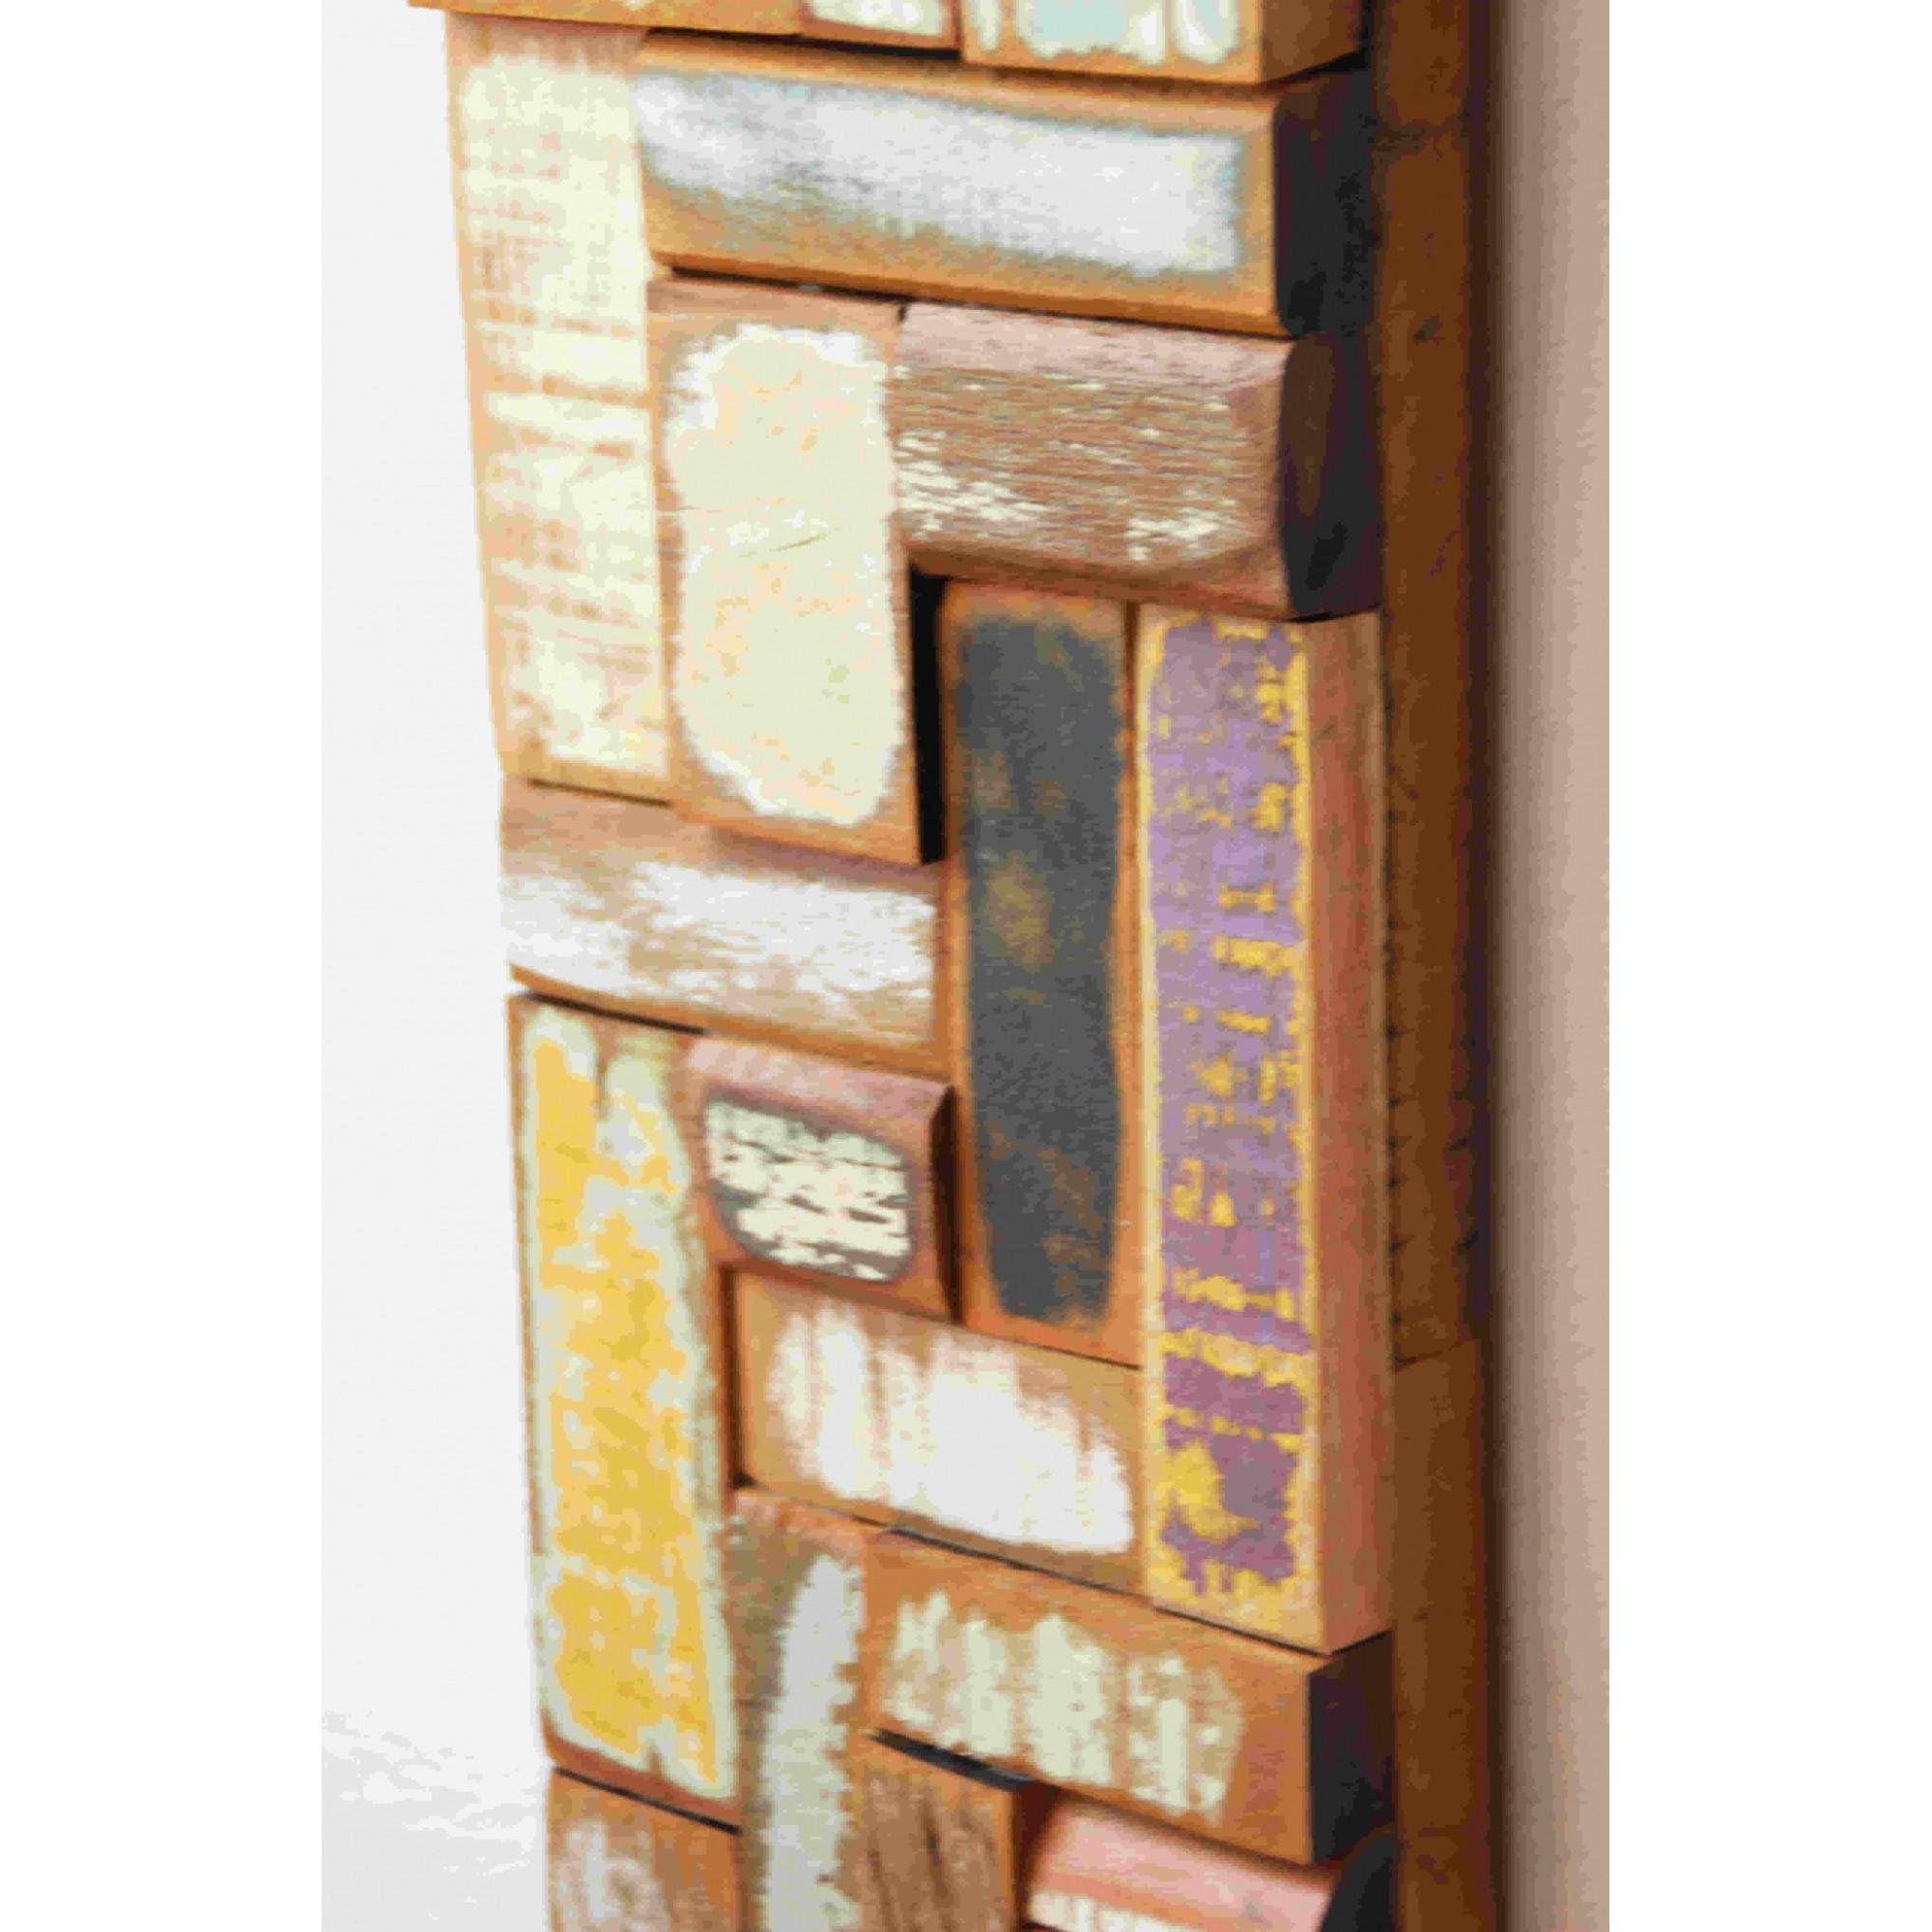 Painel Decorativo Colorido medindo 14 X 45 em Madeira De Demolição